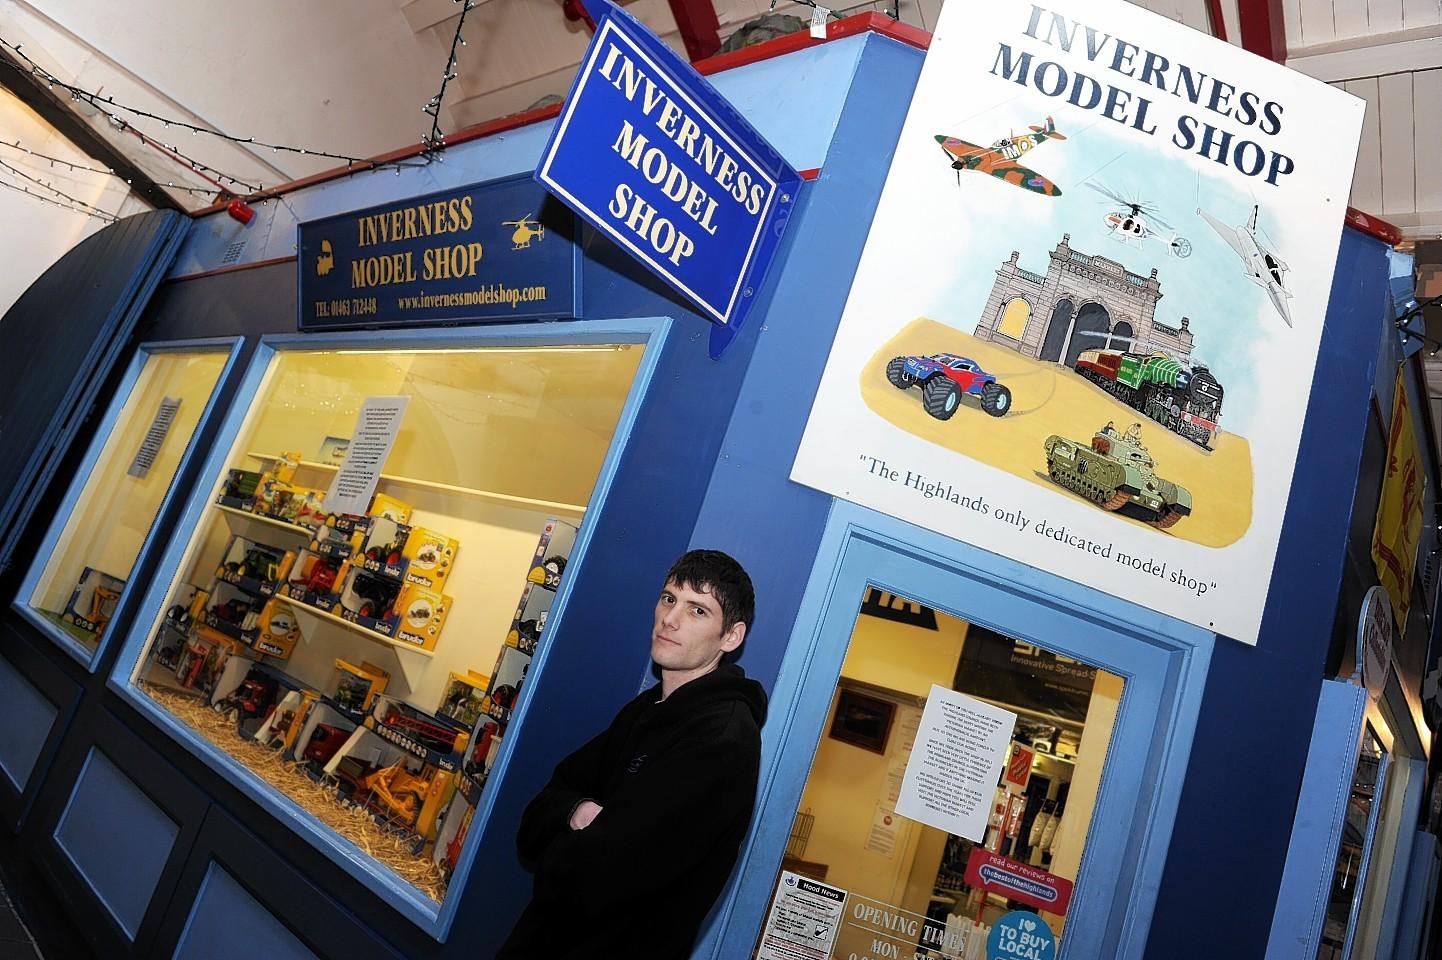 Craig MacDonald of Inverness Model Shop